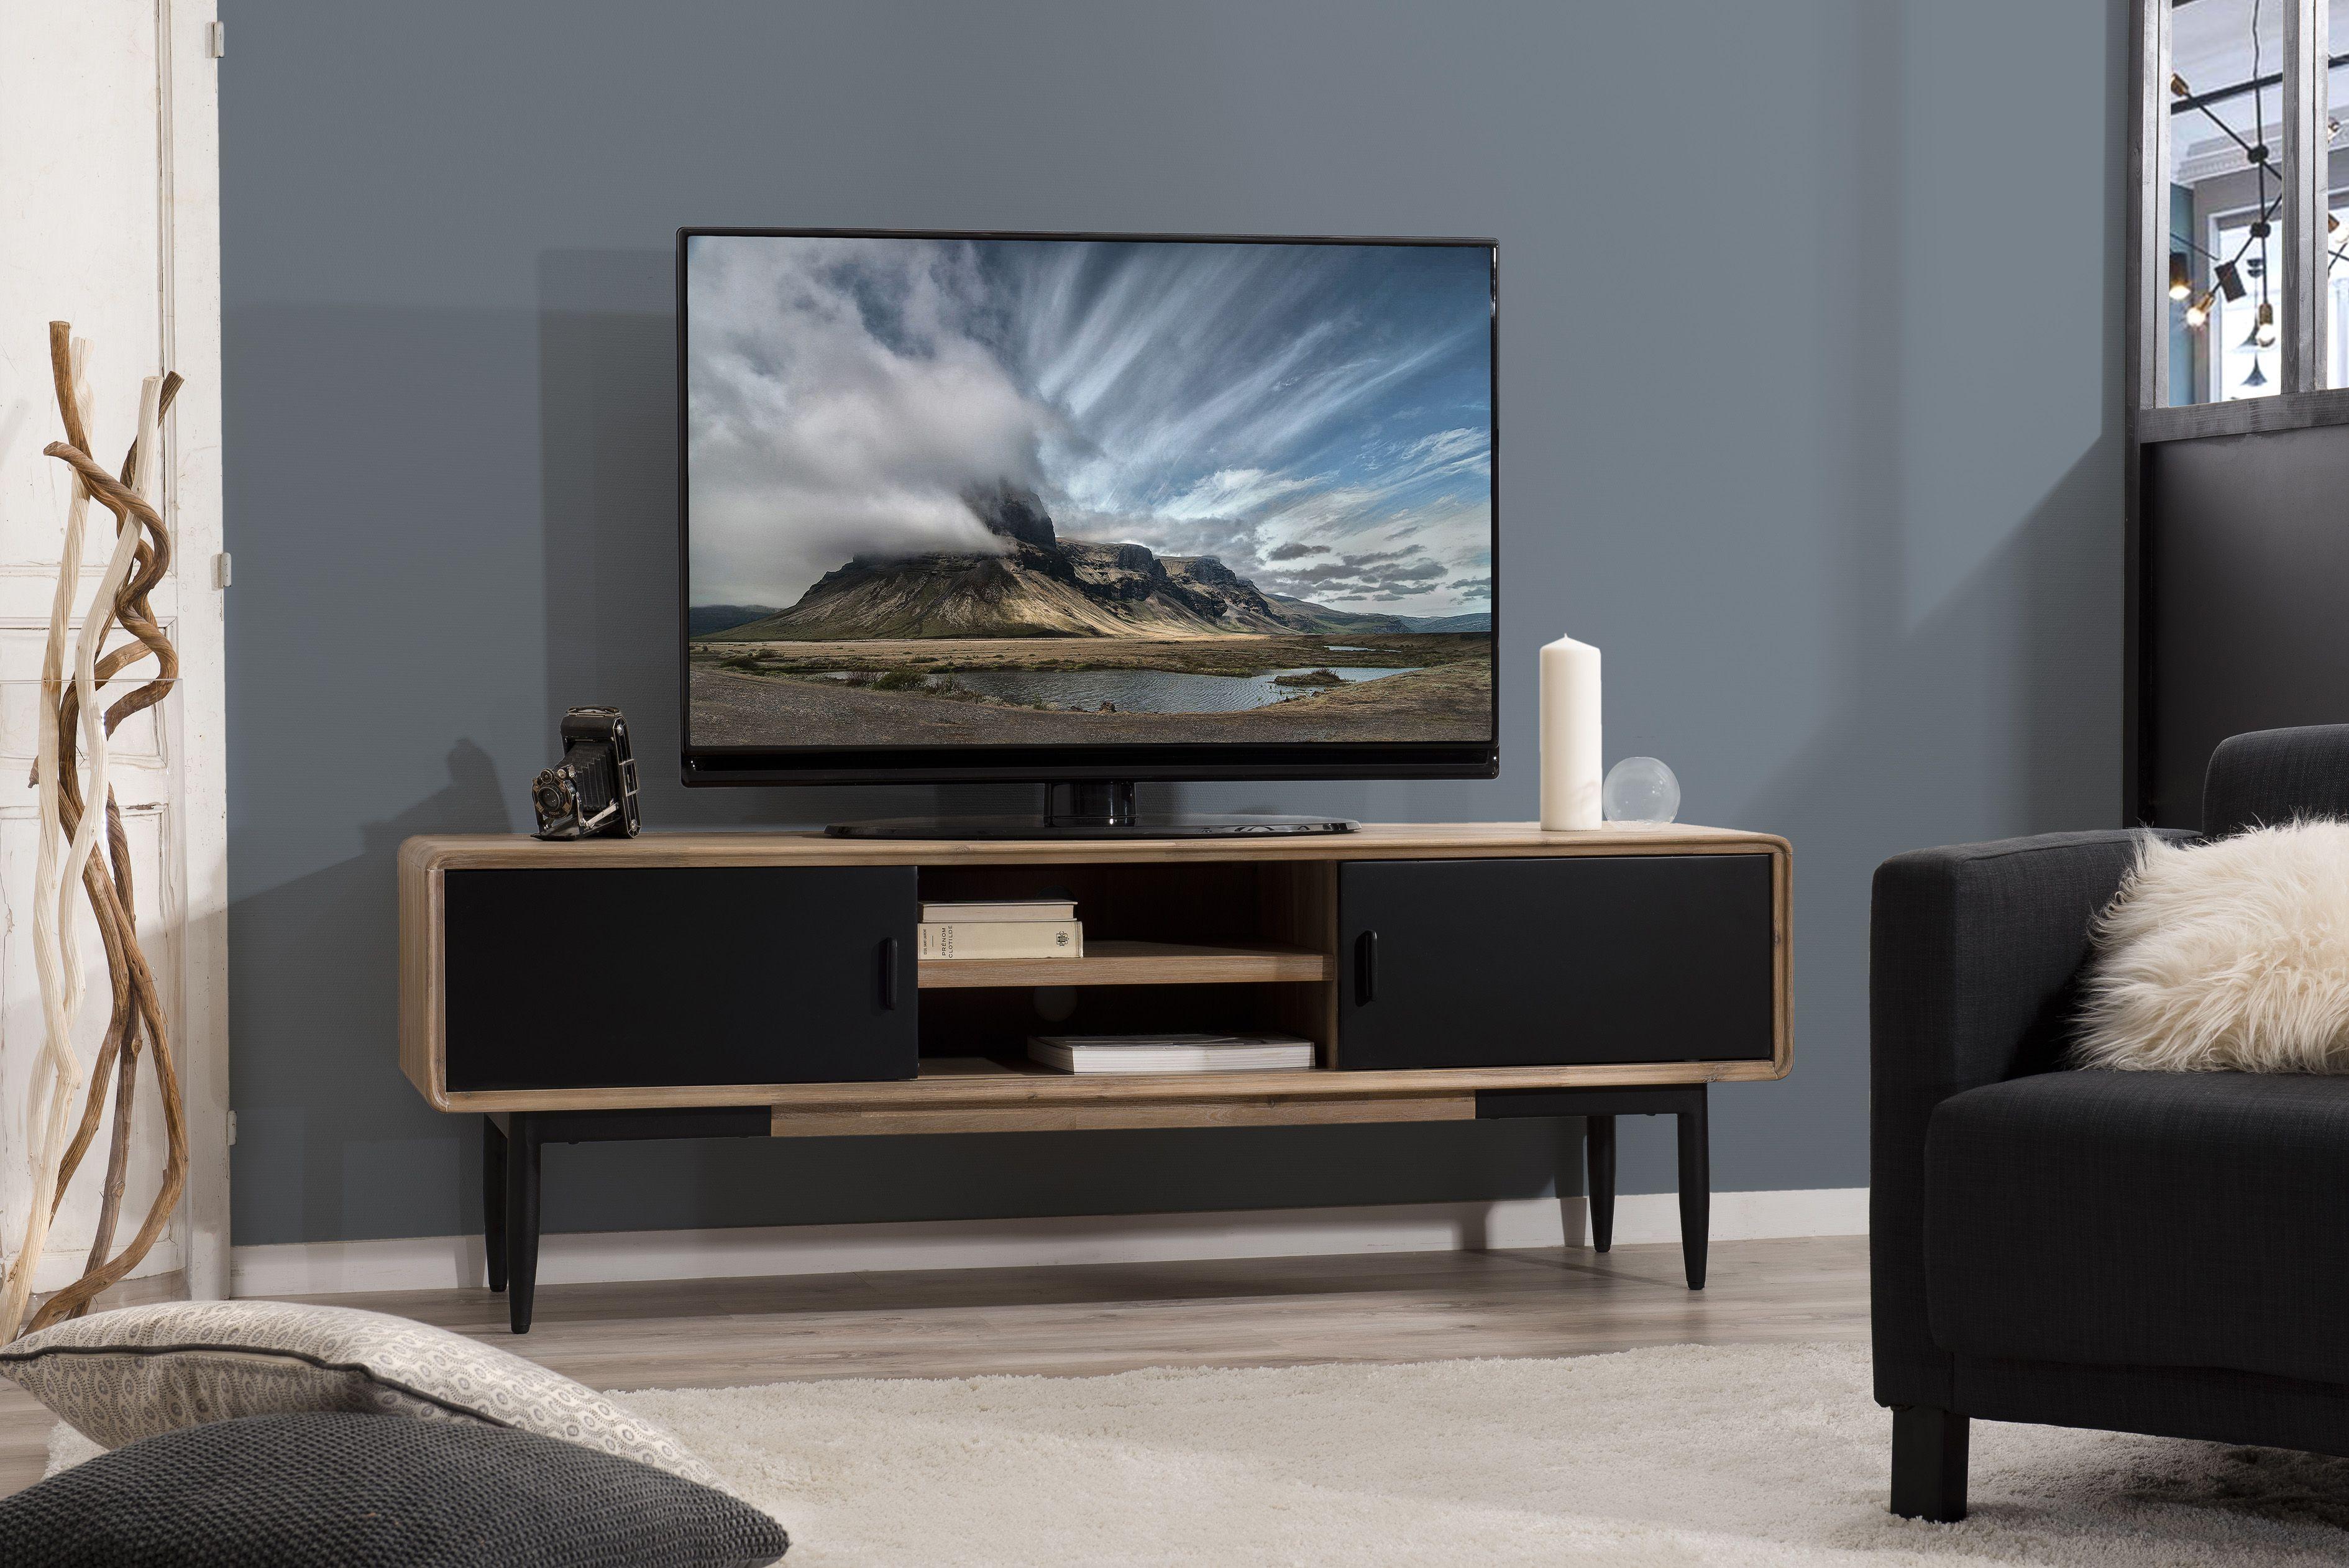 Meuble Tv En Acacia Massif Couleur Naturelle 2 Portes Coulissantes Noires 2 Niches Et Pieds Metal 165x45x55cm Palmeira Mobilier De Salon Meuble Tv Meuble Tv Design